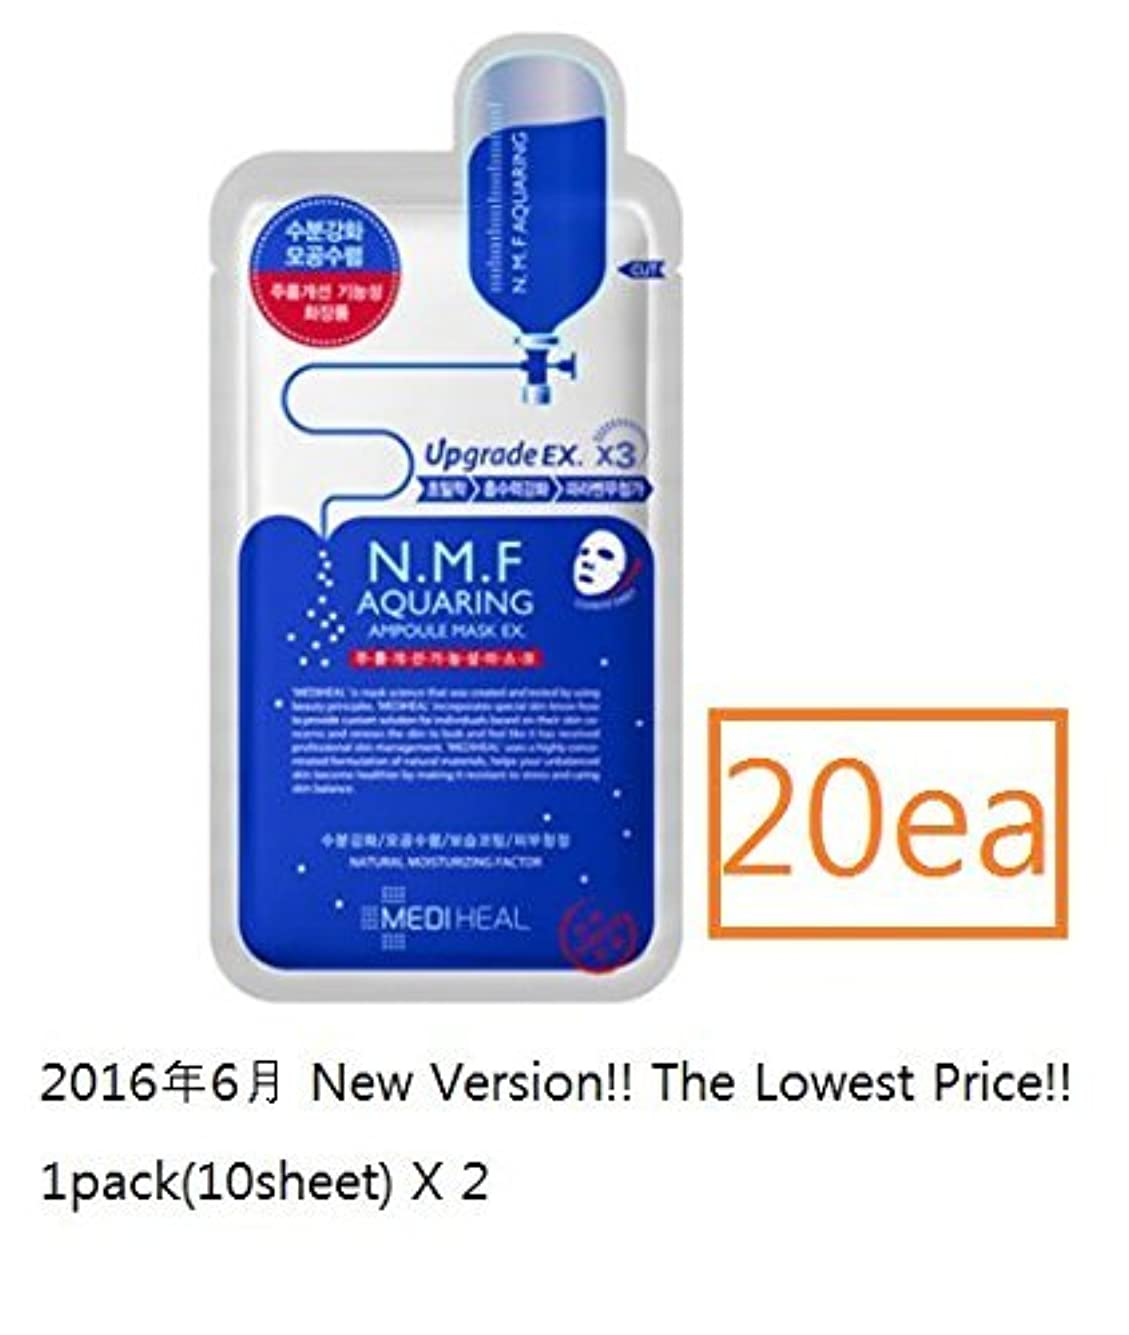 全能プット終了するMediheal メディヒール N.M.F アクアリング アンプル?マスクパック 10枚入り*2 (Aquaring Ampoule Essential Mask Pack 1box(10sheet)*2 [並行輸入品]